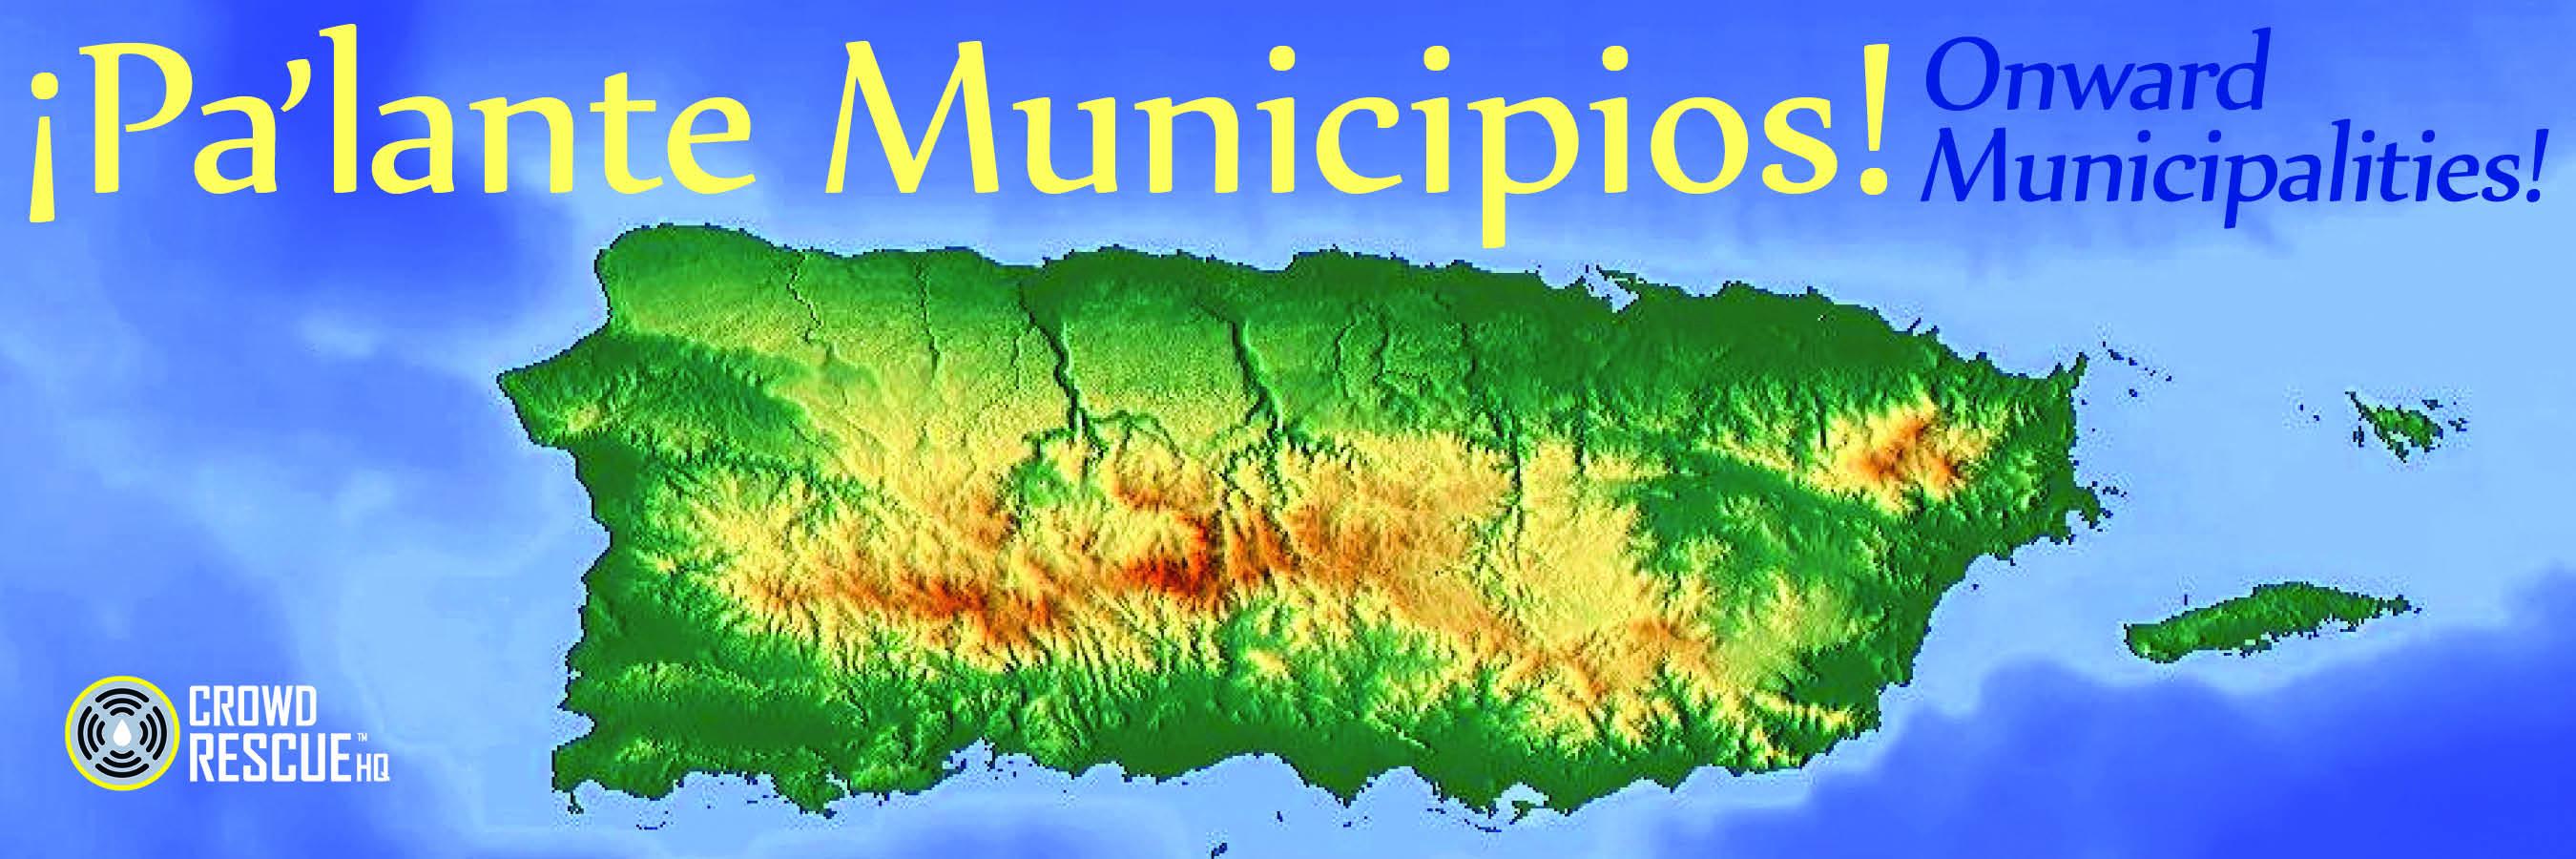 Pa lante Muni Header (Puerto Rico map